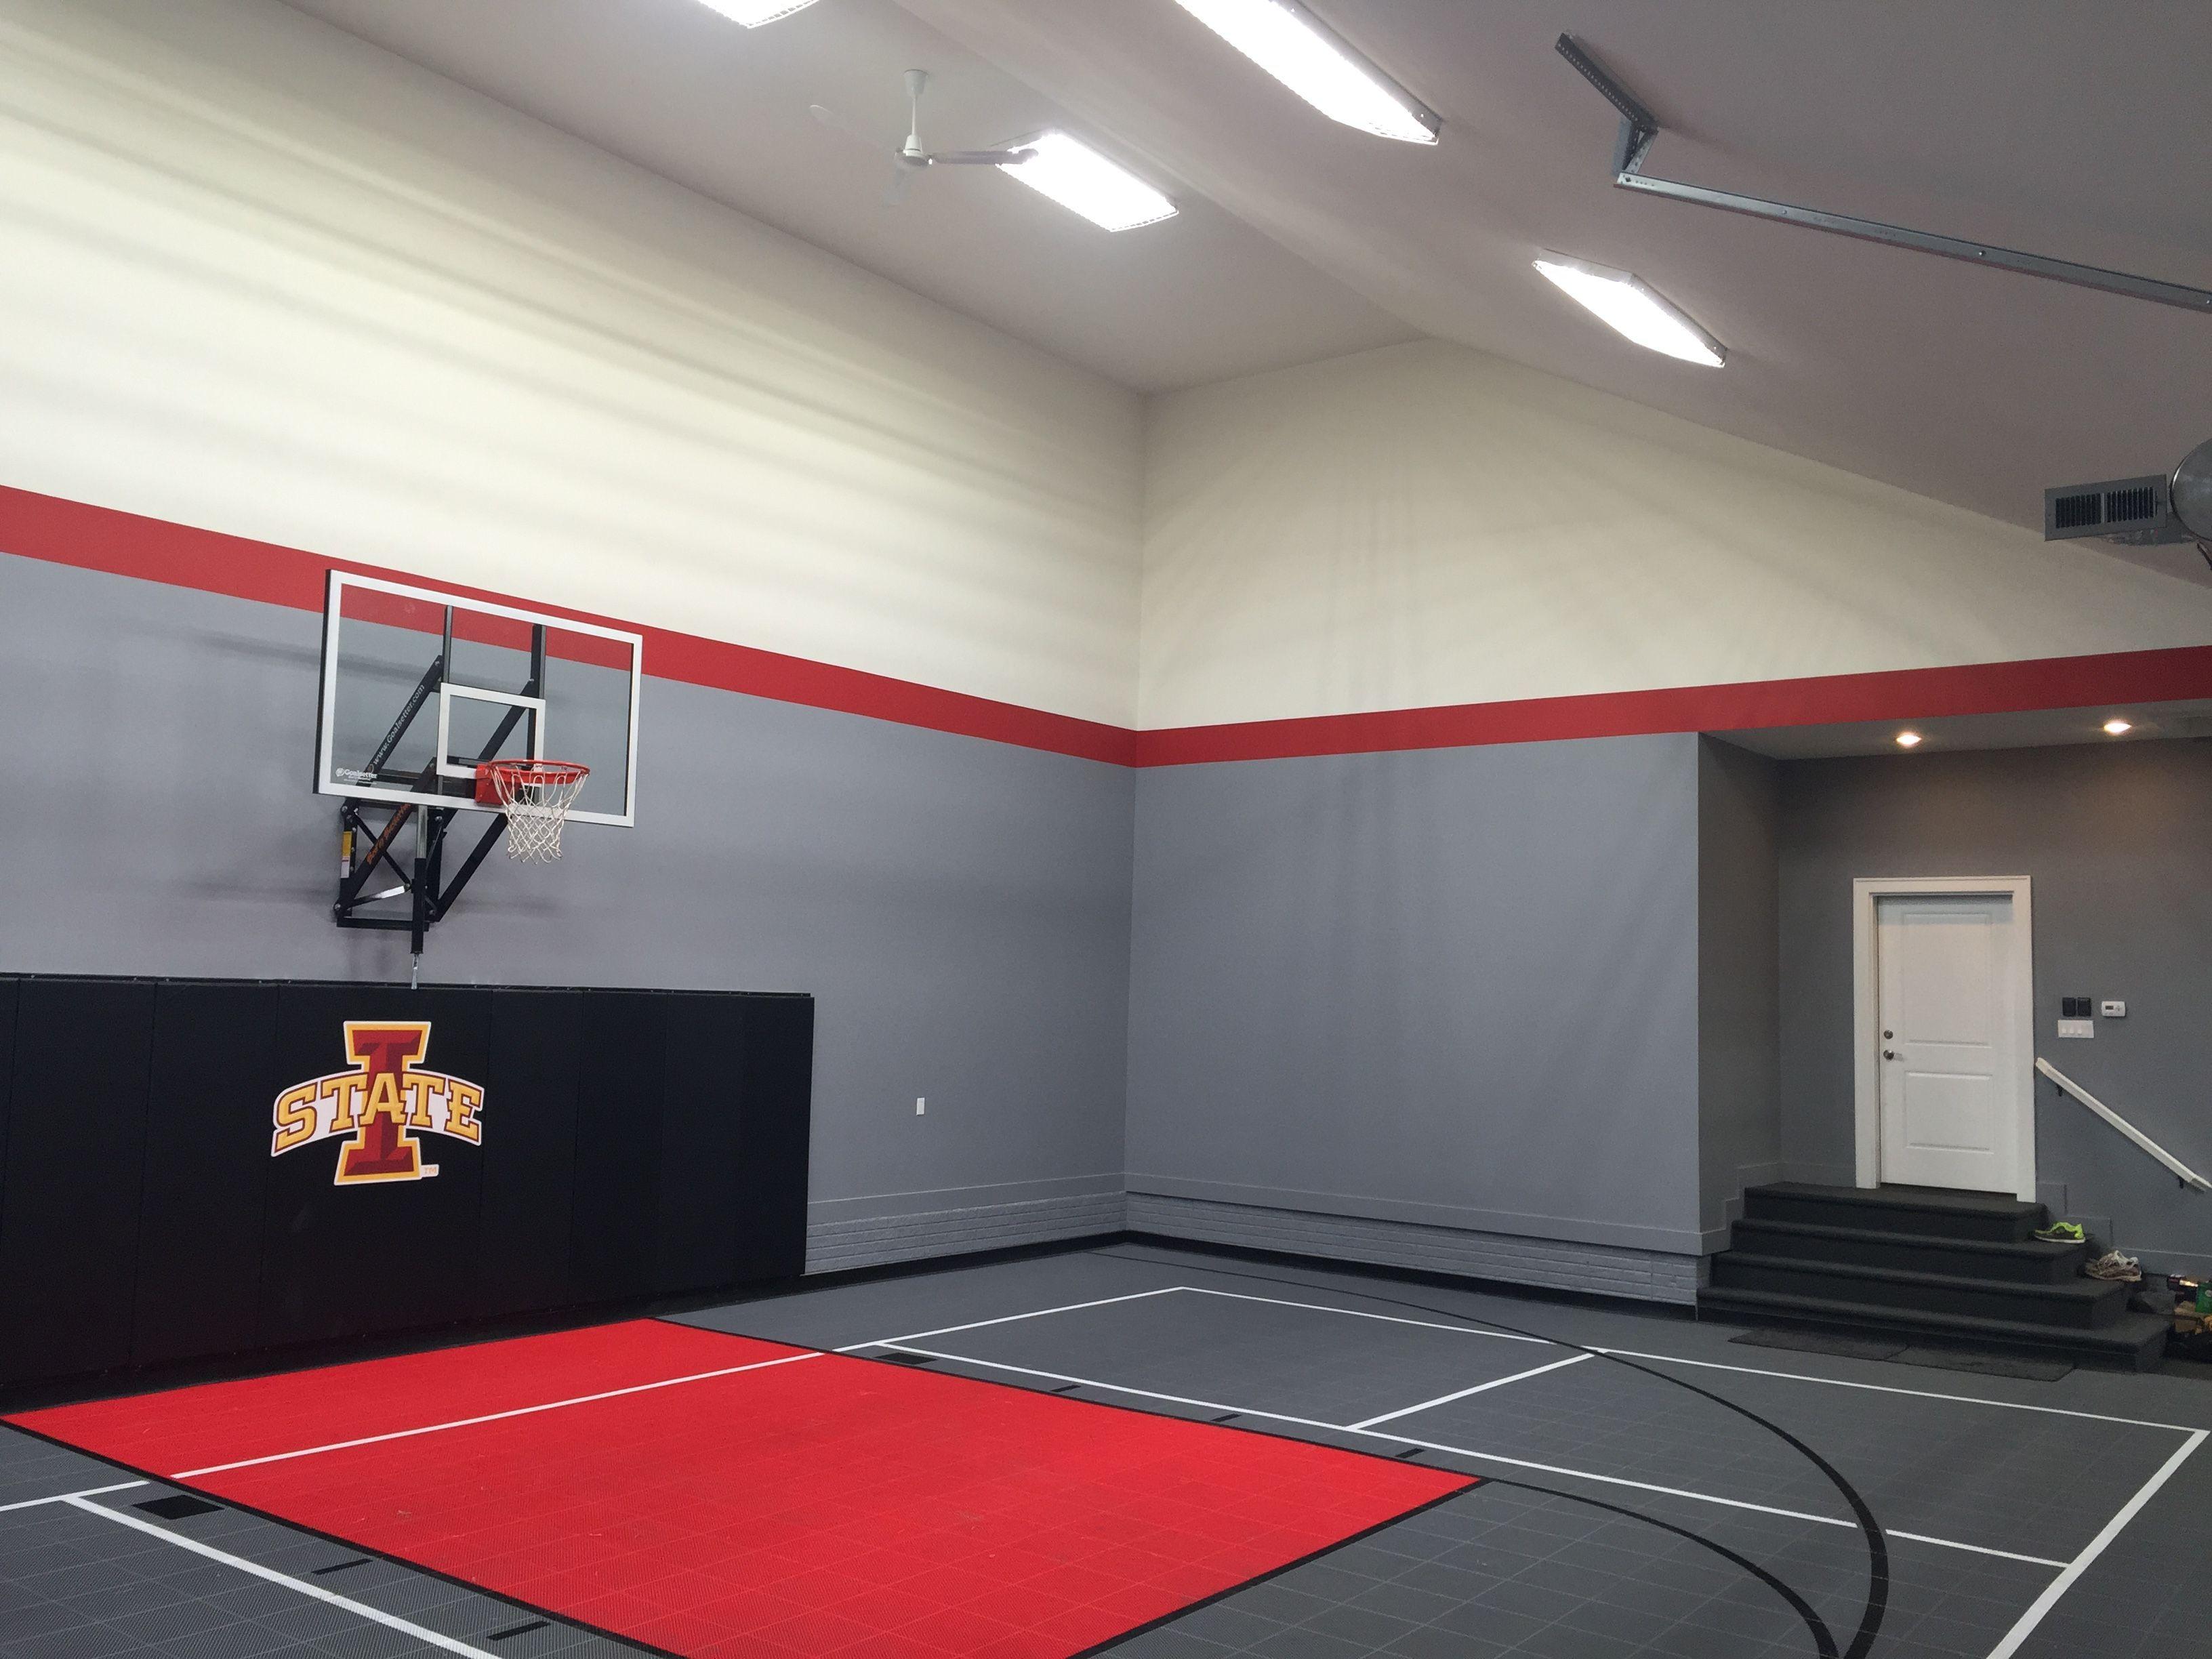 Garage Court Garage Gym Sport Court In 2019 Home Home Basketball Court Indoor Sports Court Garage Gym